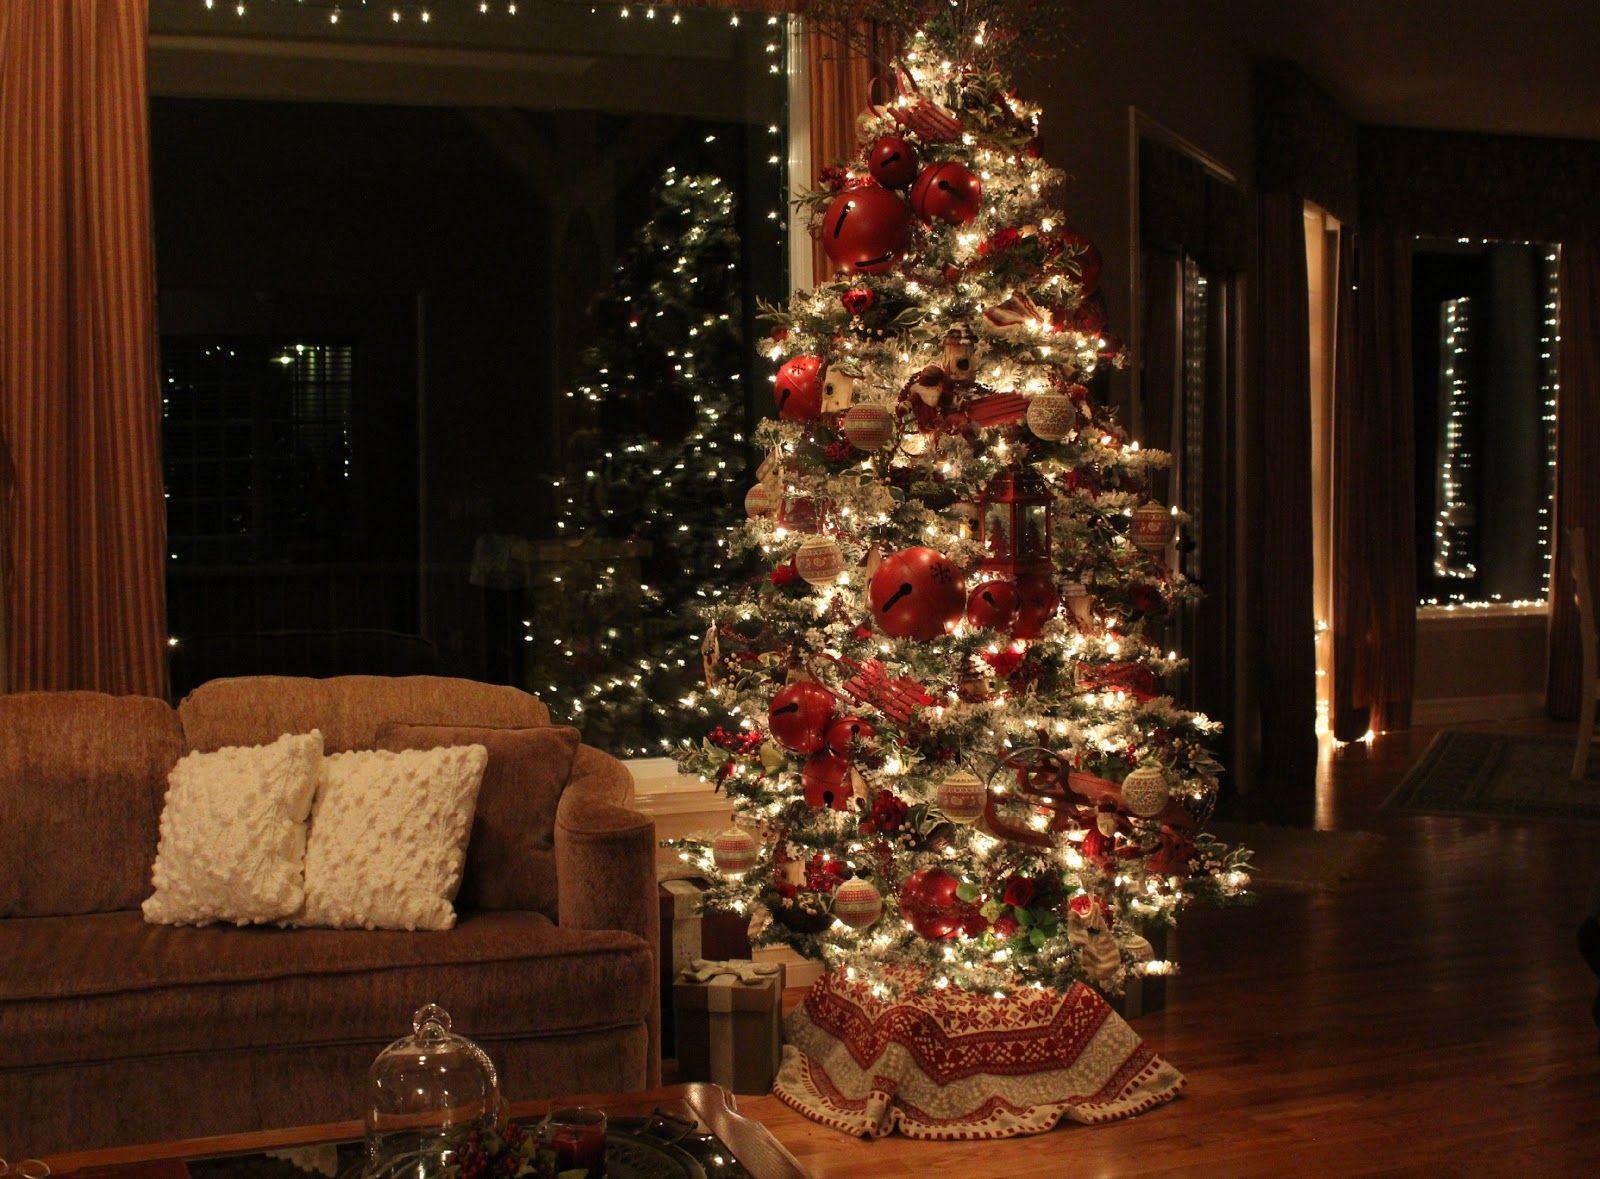 Christmas Eve Tree Christmas Decorations Christmas Christmas Home